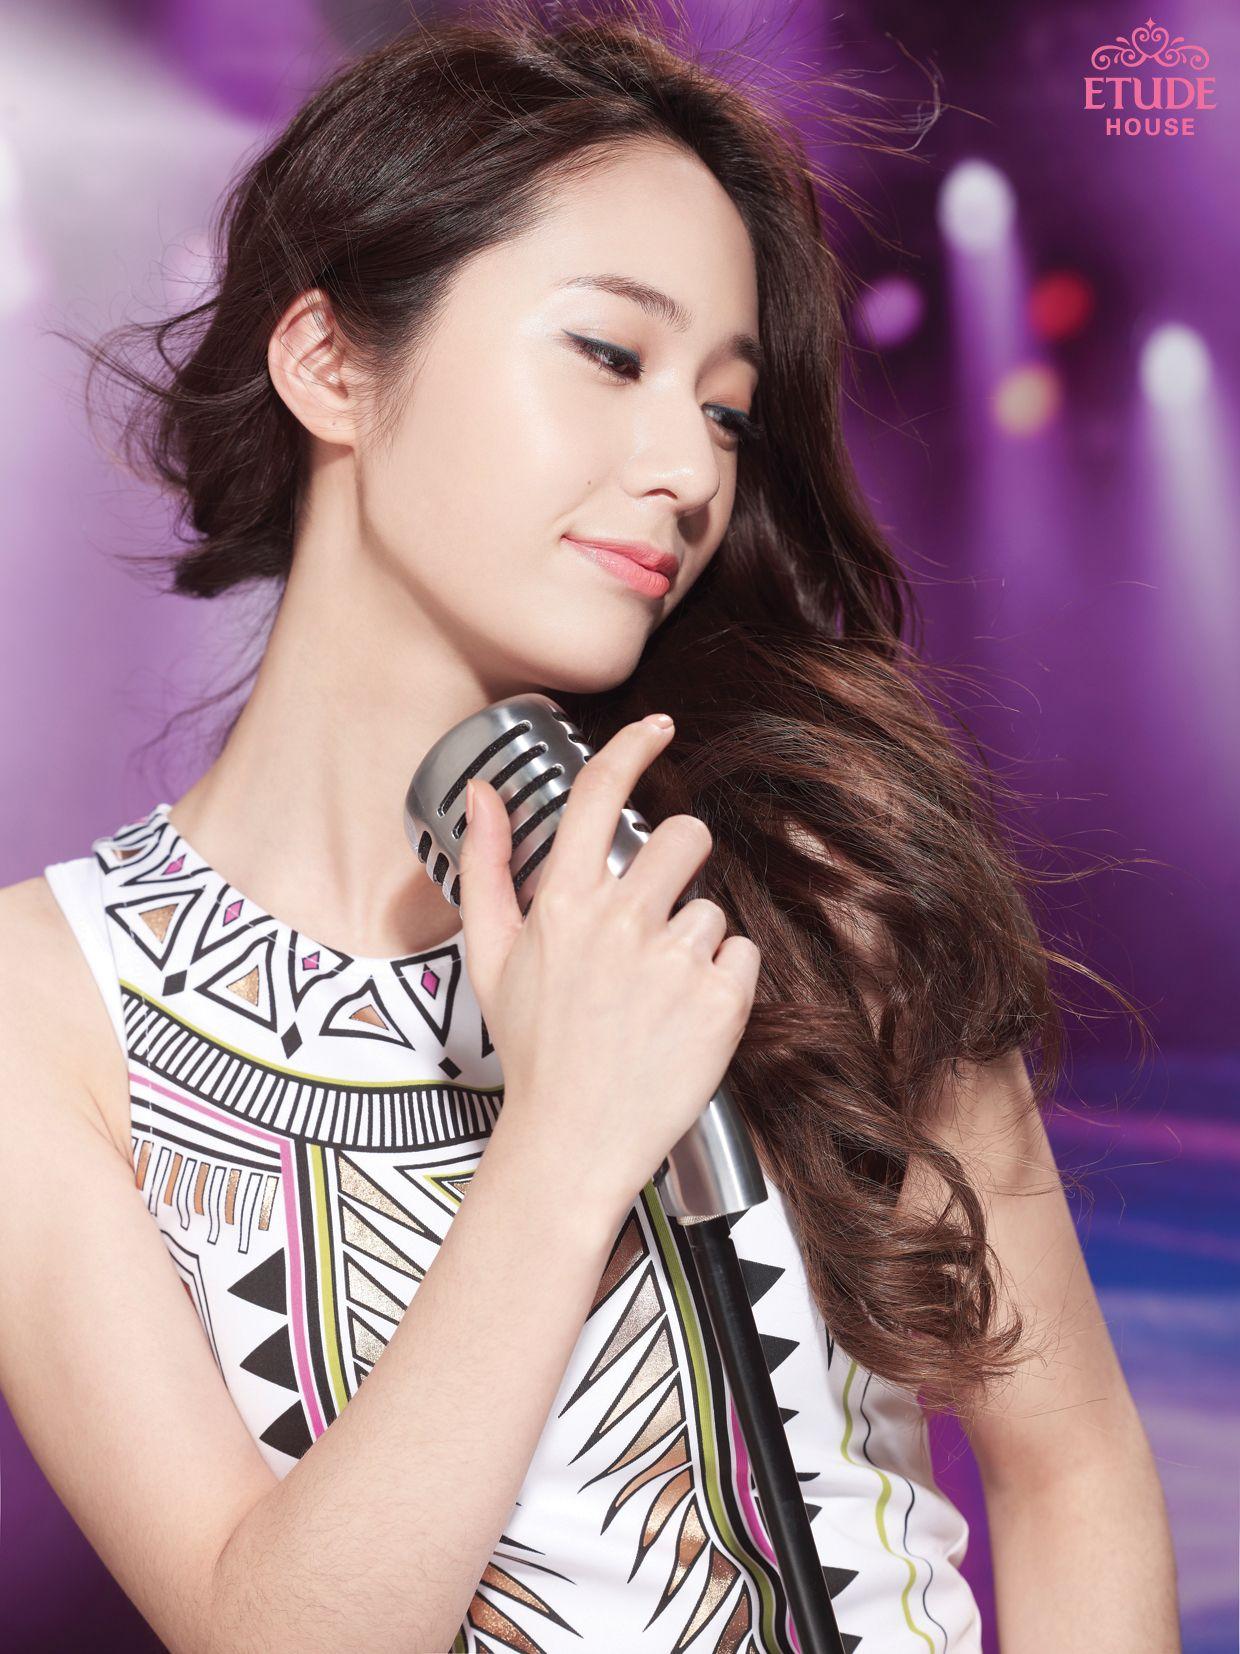 Fx Krystal Etude House While Singing Look